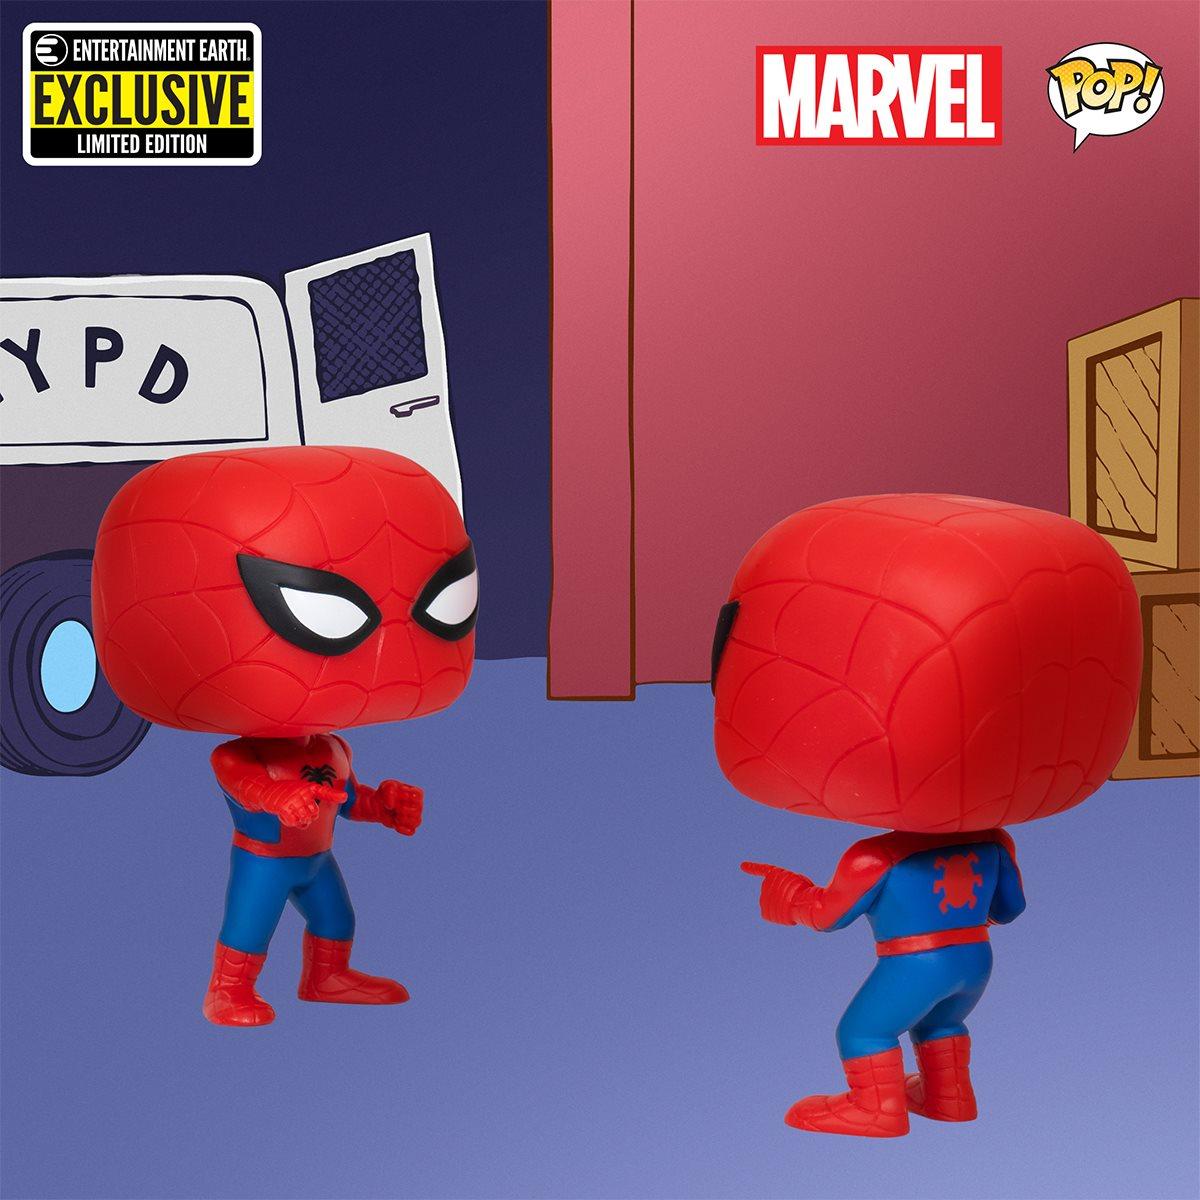 spider-man-meme-funko-pop